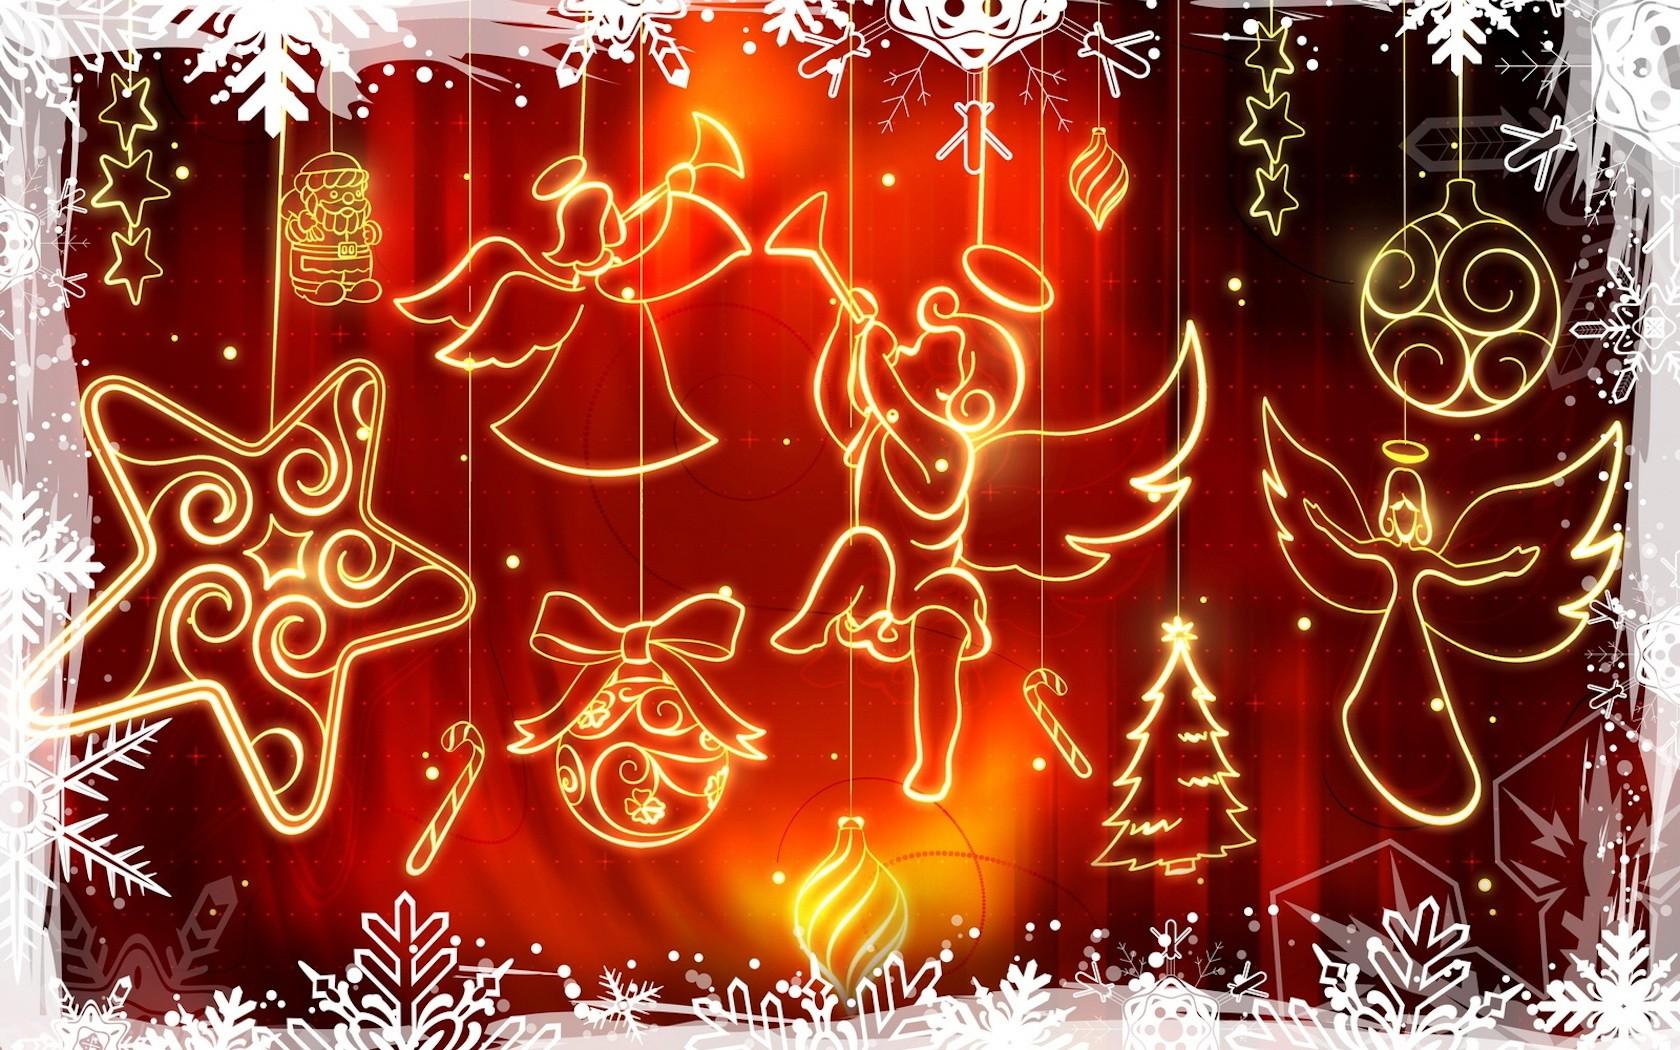 График работы поликлиники ЦМЭИ в Рождественские праздники